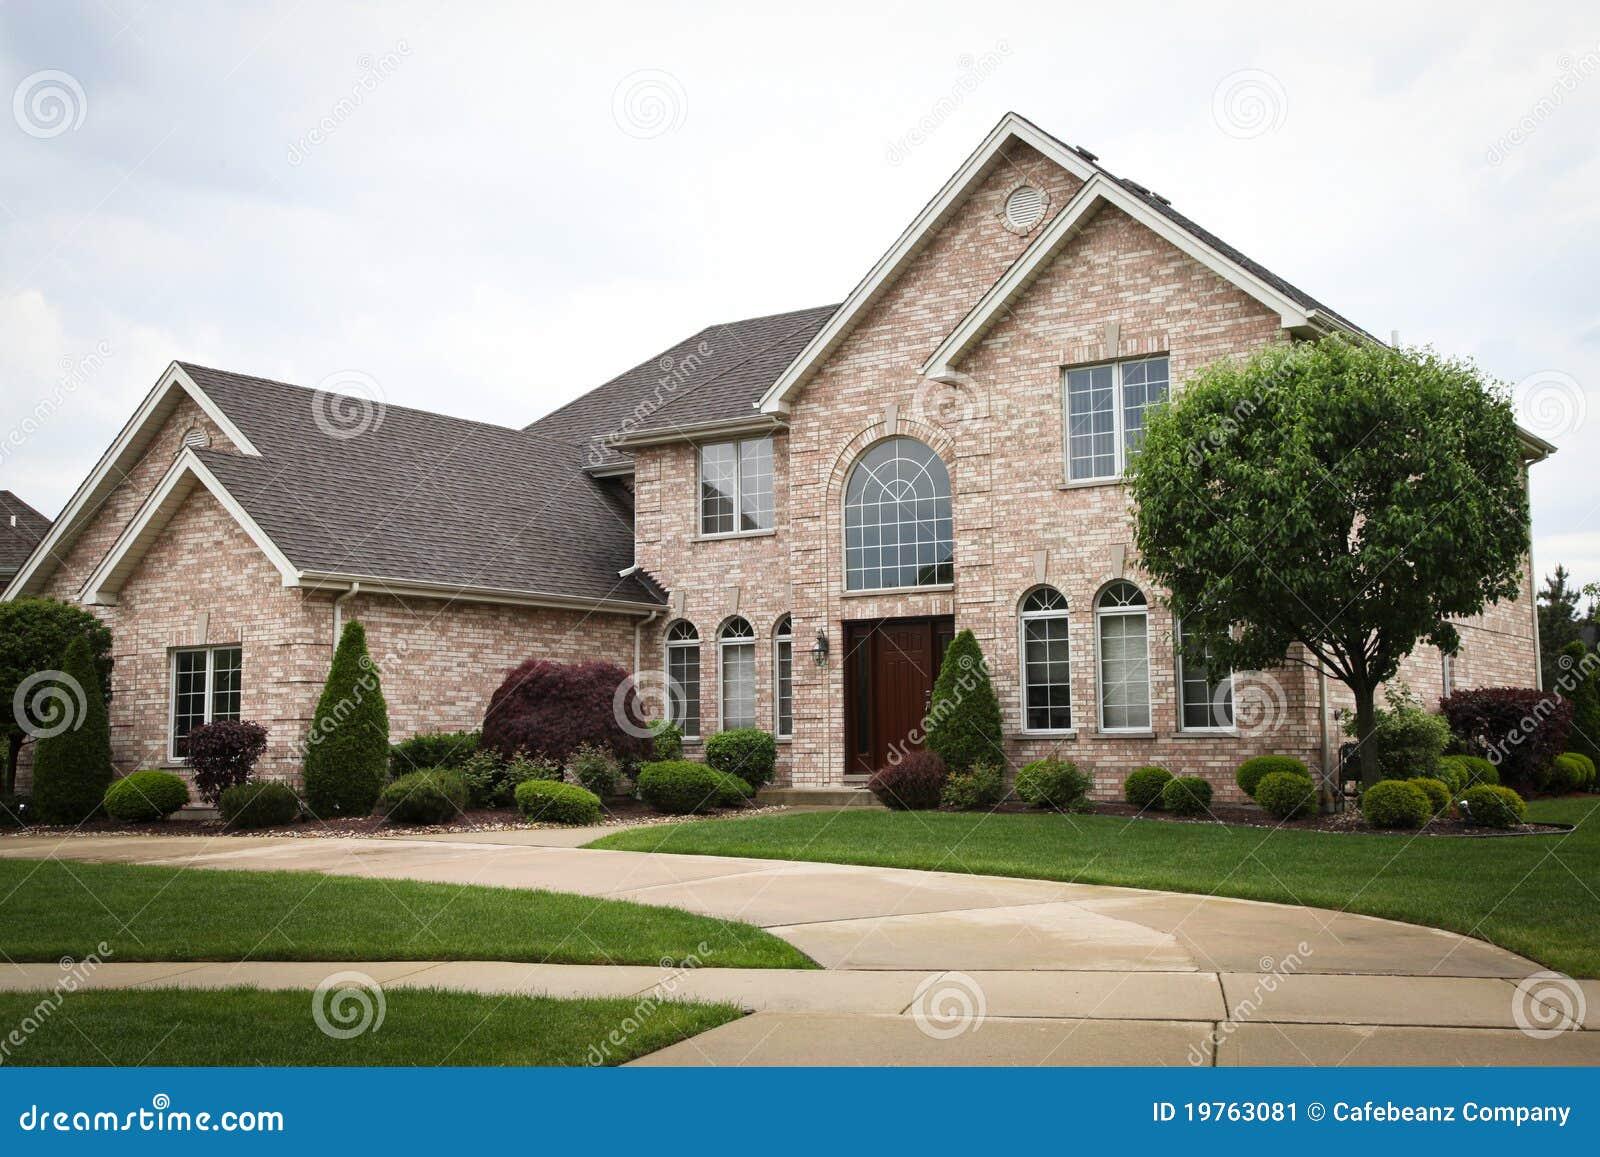 Luxury brick house stock image image 19763081 for Luxury brick house plans